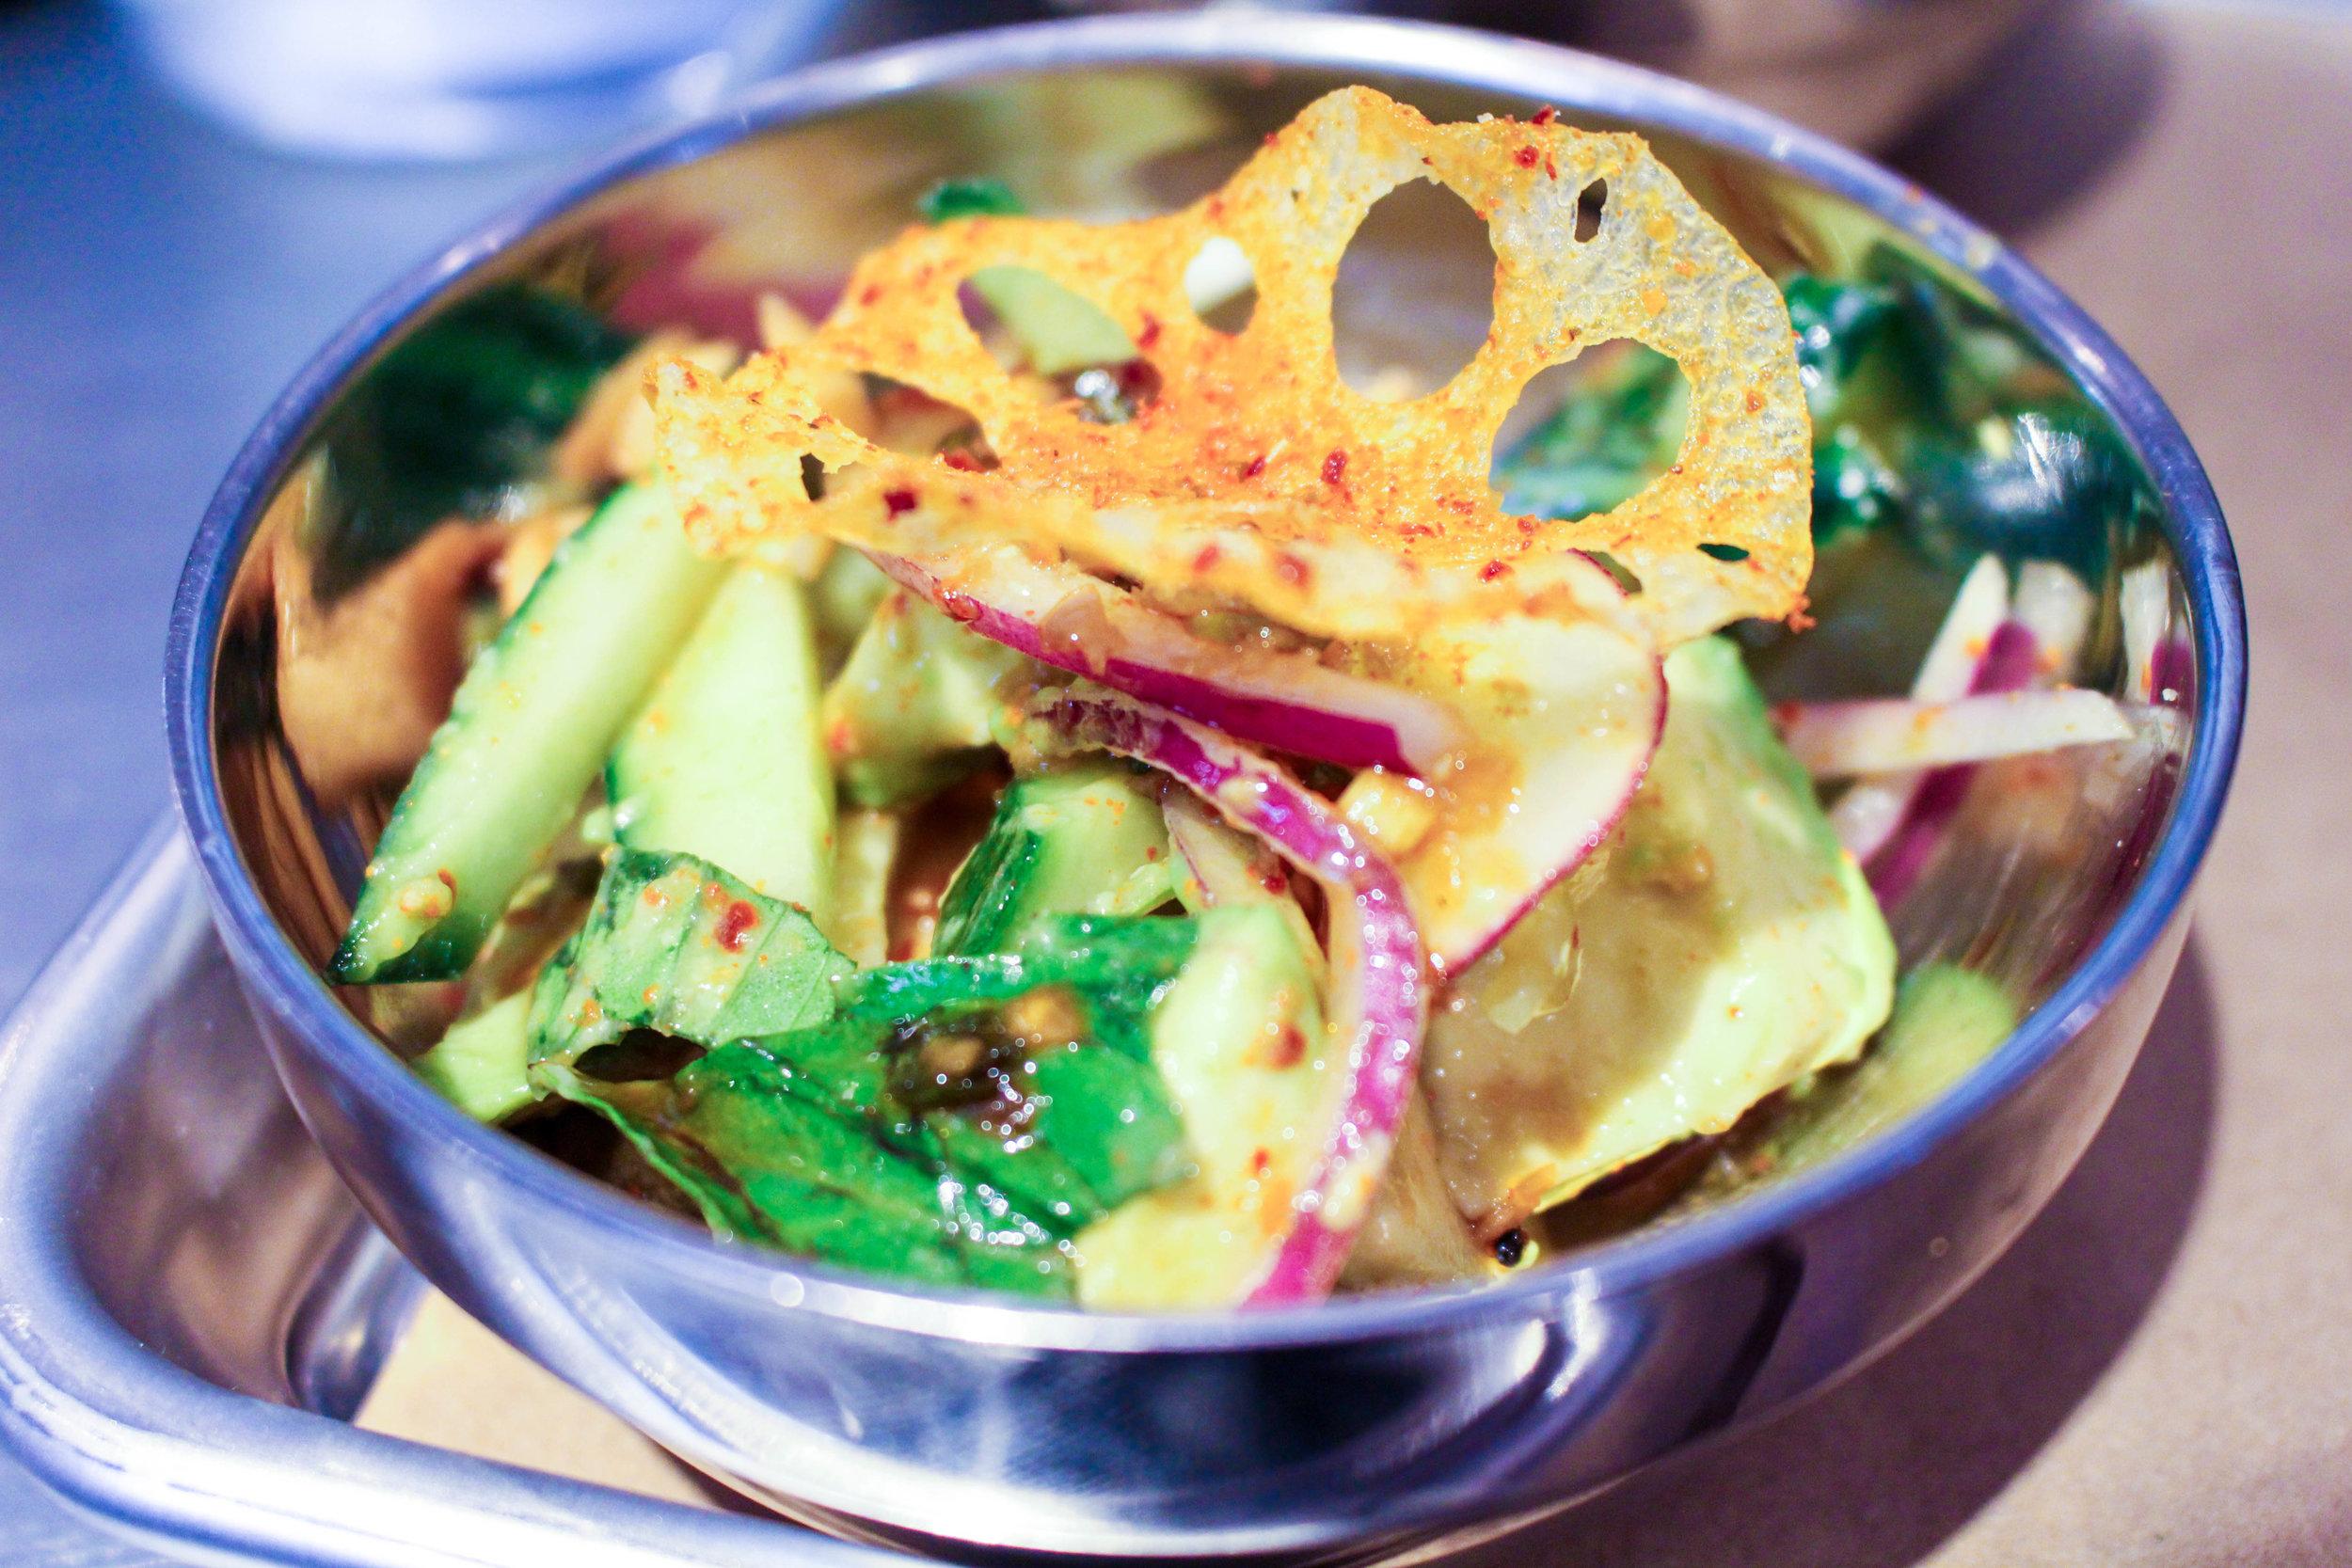 Half-a-cado salad